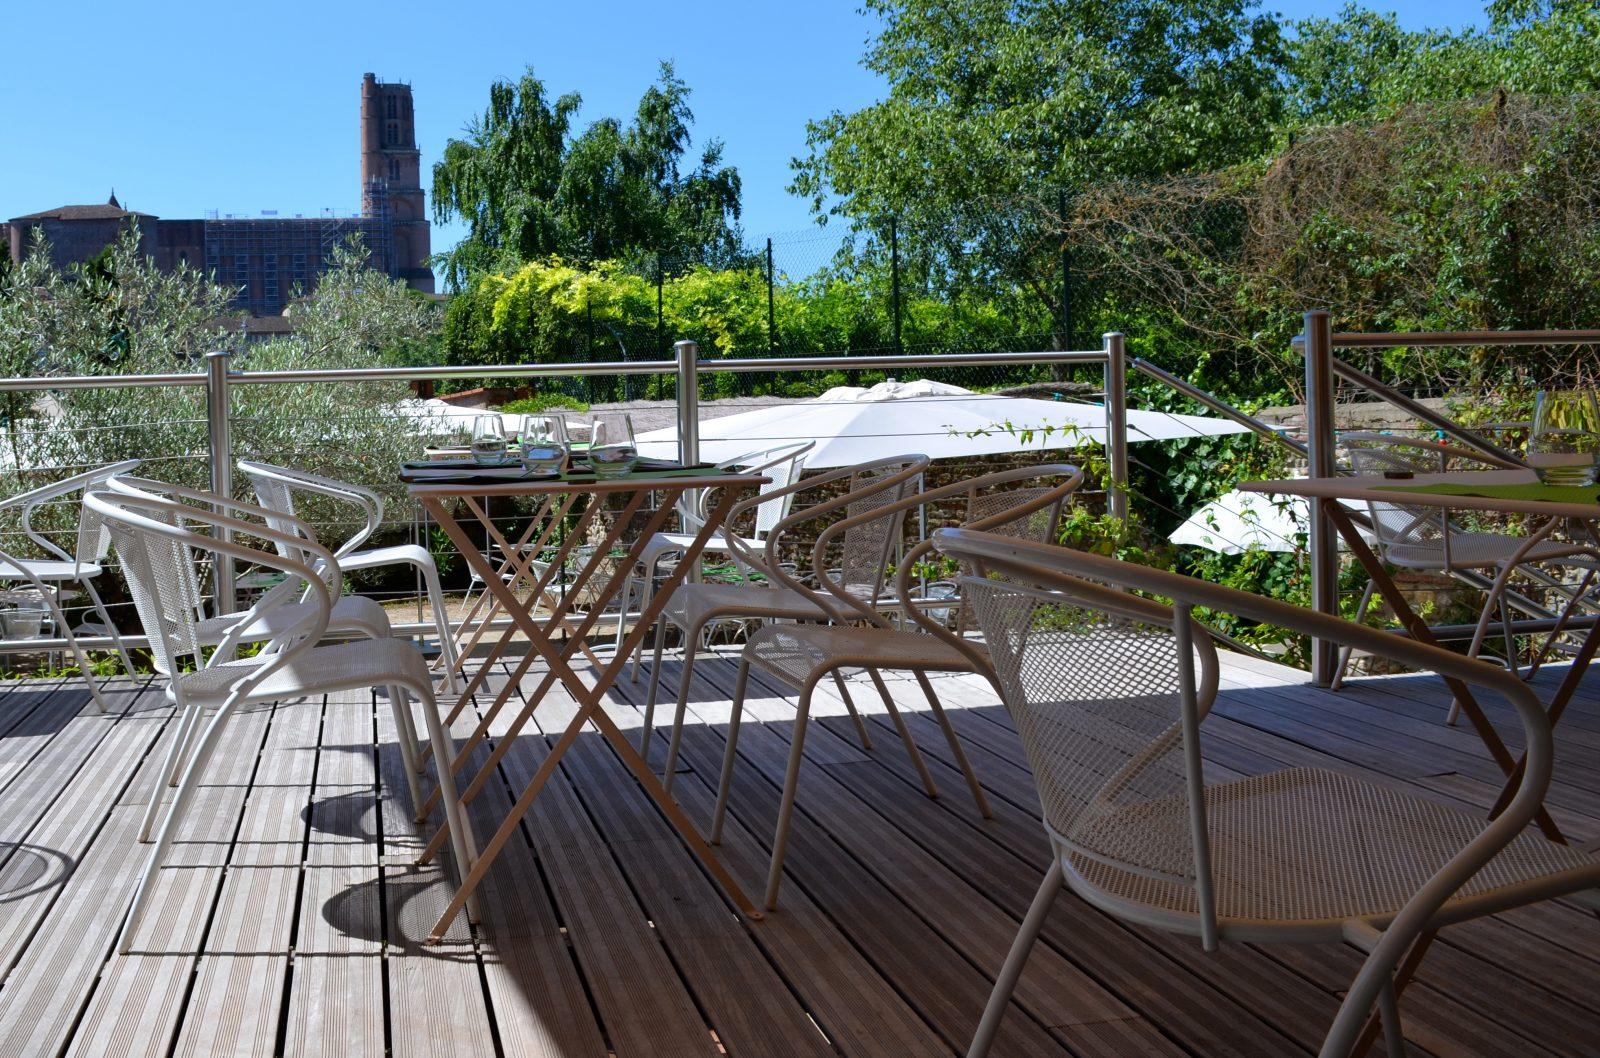 Restaurant La Planque de l'Evêque Albi